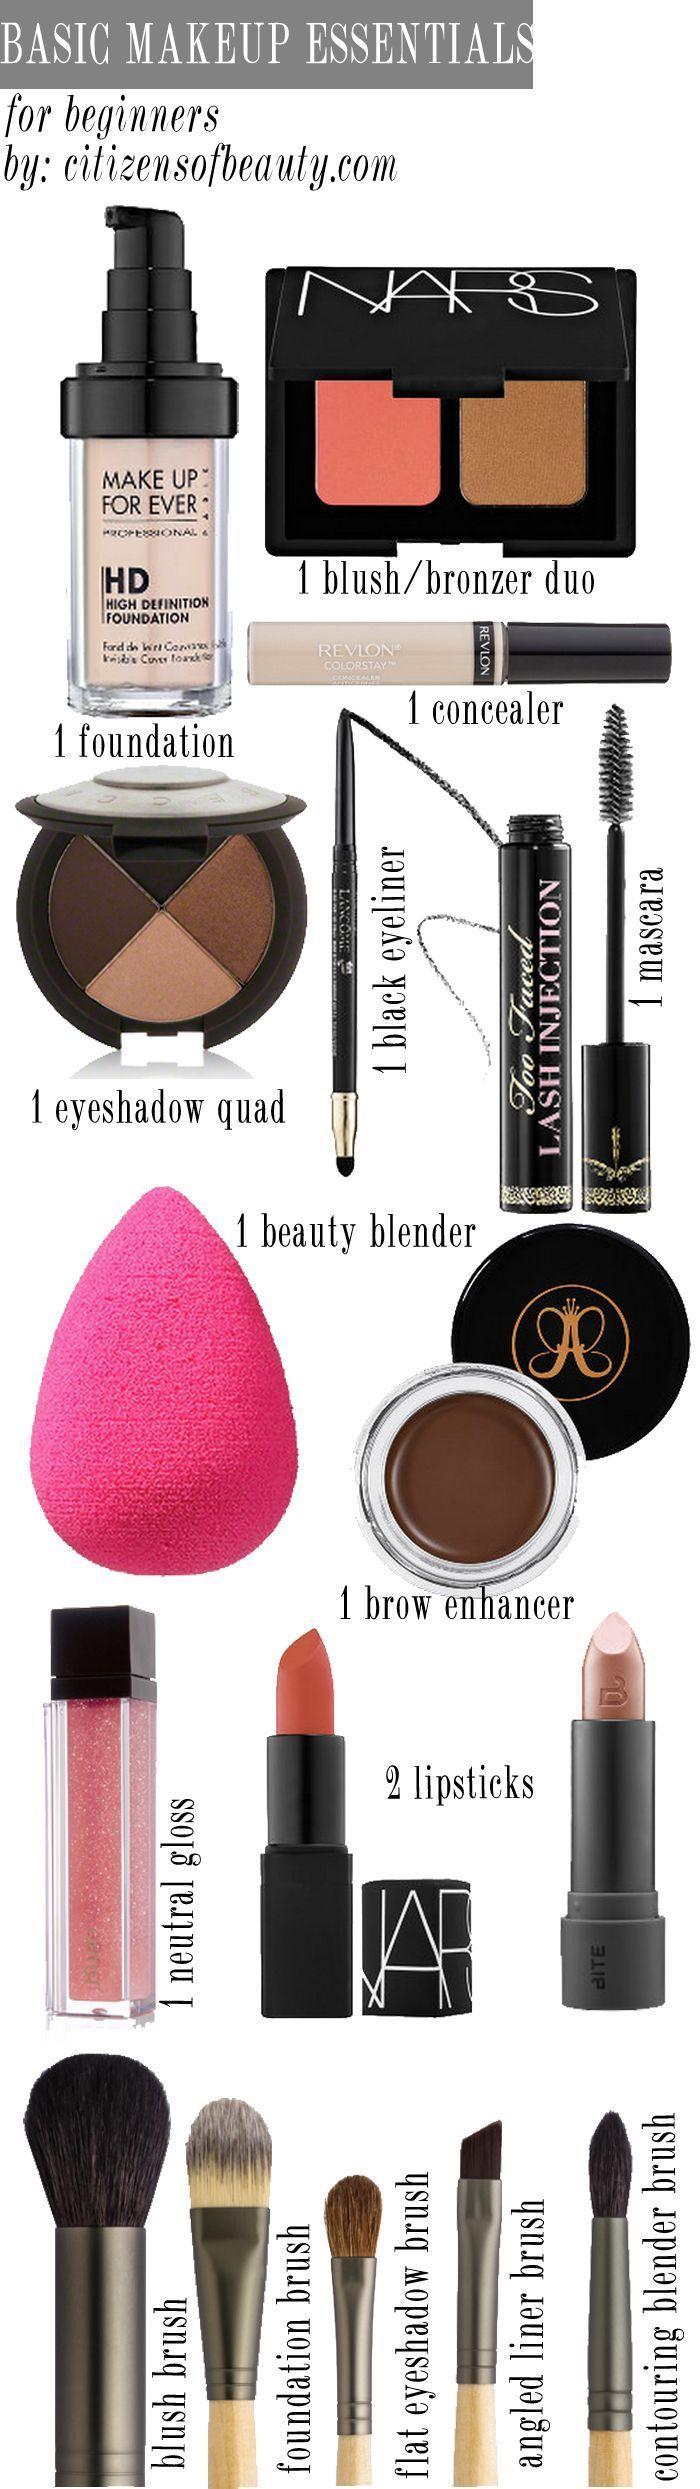 Je veux la même chose sans produits testé sur des animaux et bio si possible Basic Makeup Essentials for Beginners - Citizens of Beauty